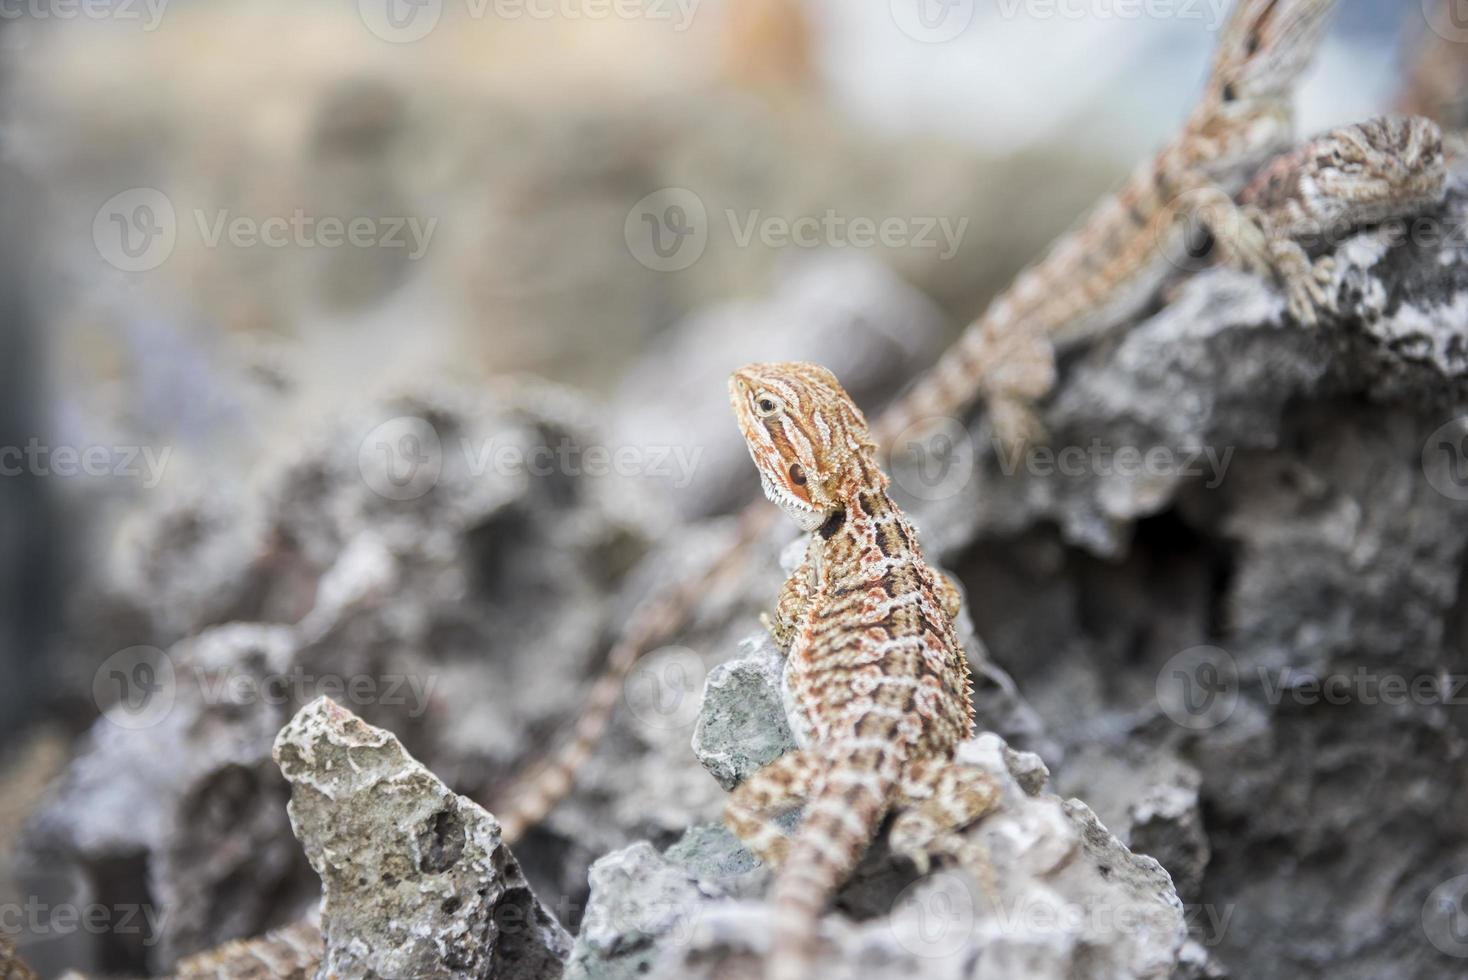 lagarto de agama dragão barbudo em pedra foto